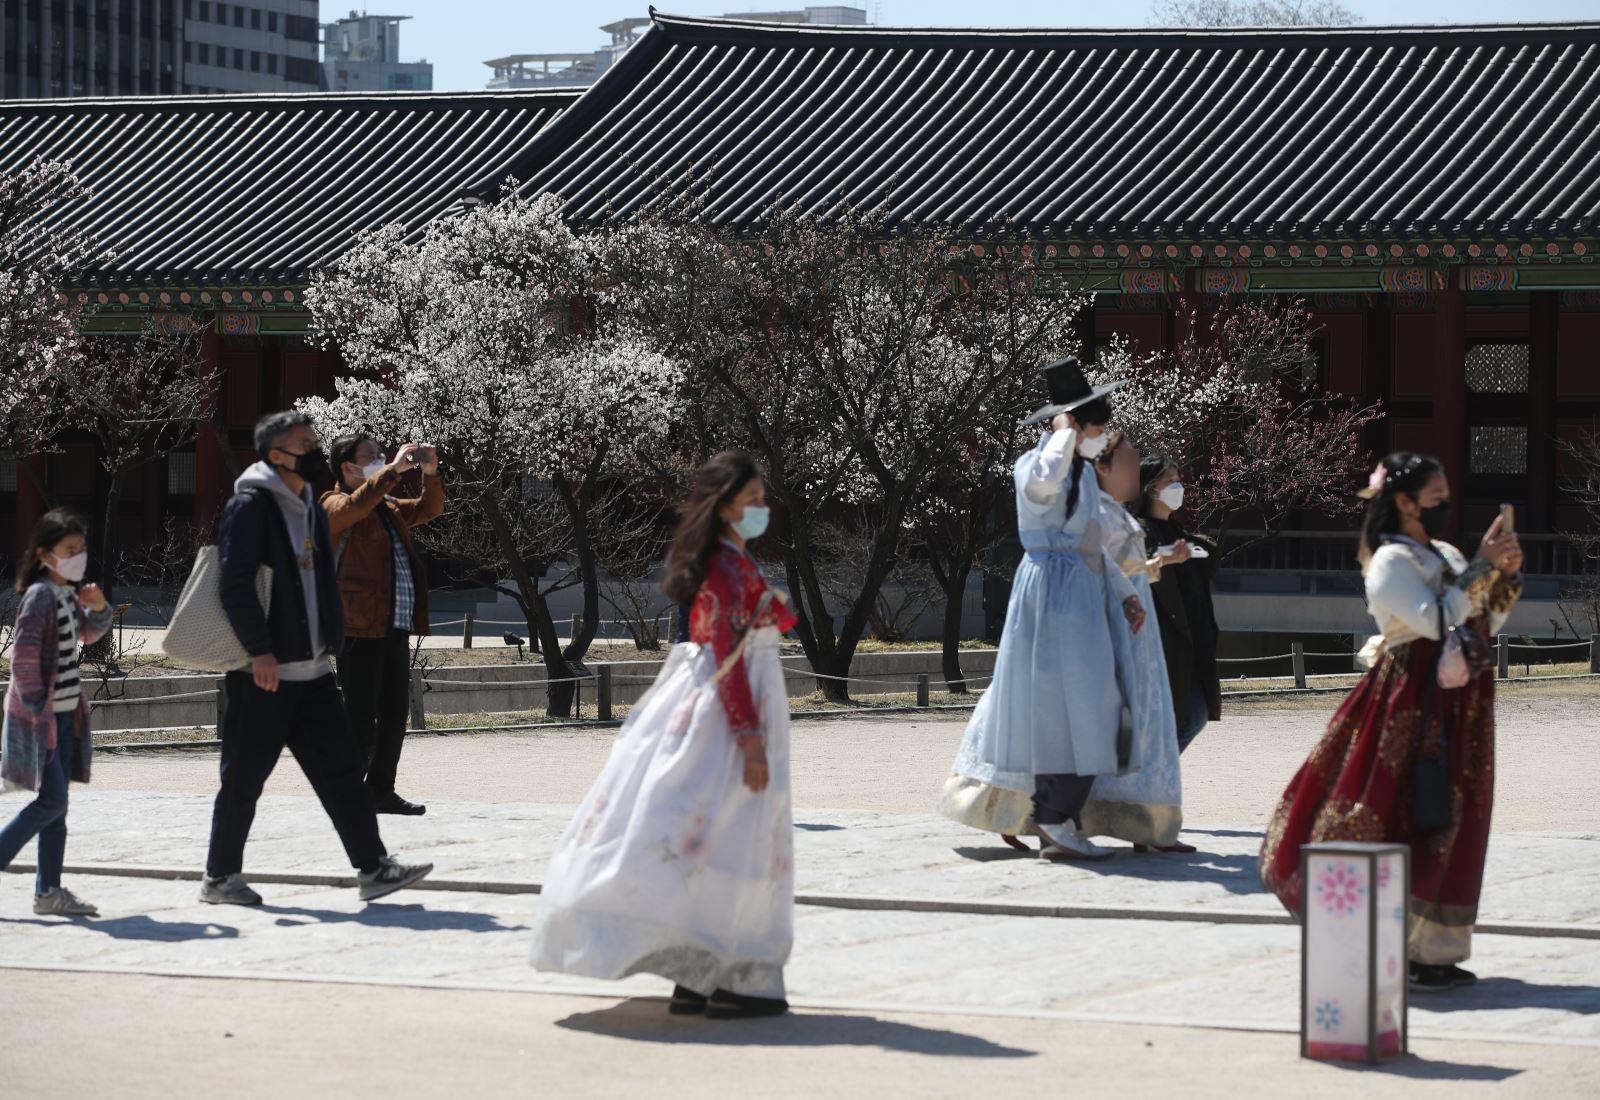 Du khách đeo khẩu trang để phòng tránh lây nhiễm COVID-19 tại Seoul, Hàn Quốc, ngày 22-3-2020. Ảnh: THX/ TTXVN